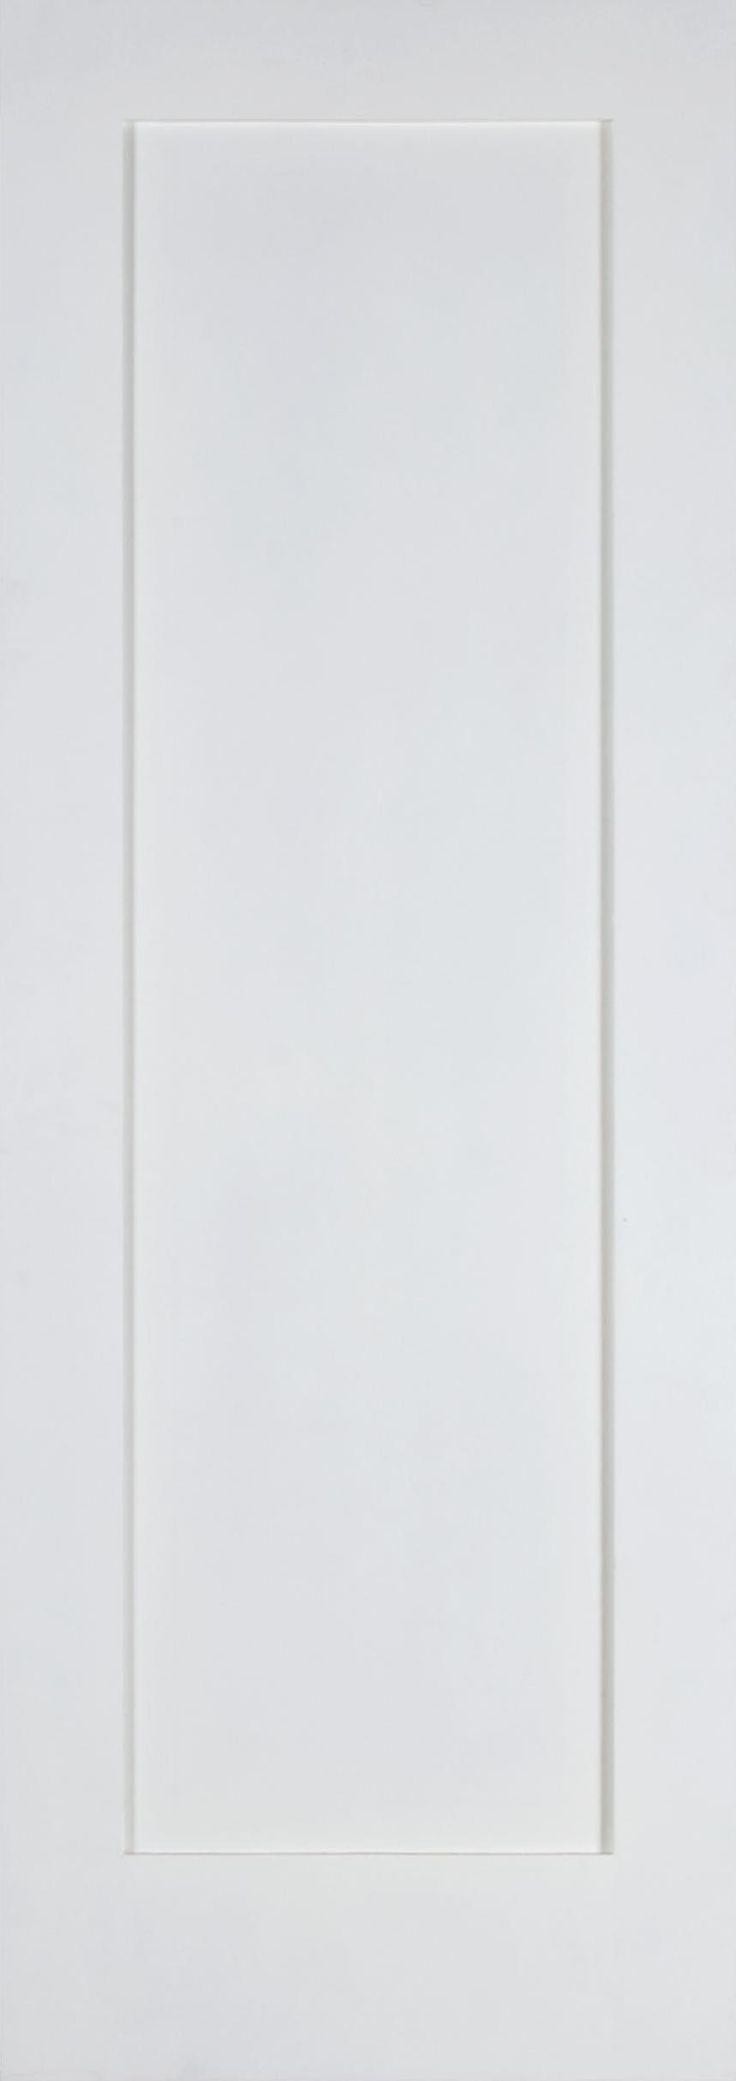 Get 20 1 panel shaker doors ideas on pinterest without for 1 panel shaker door